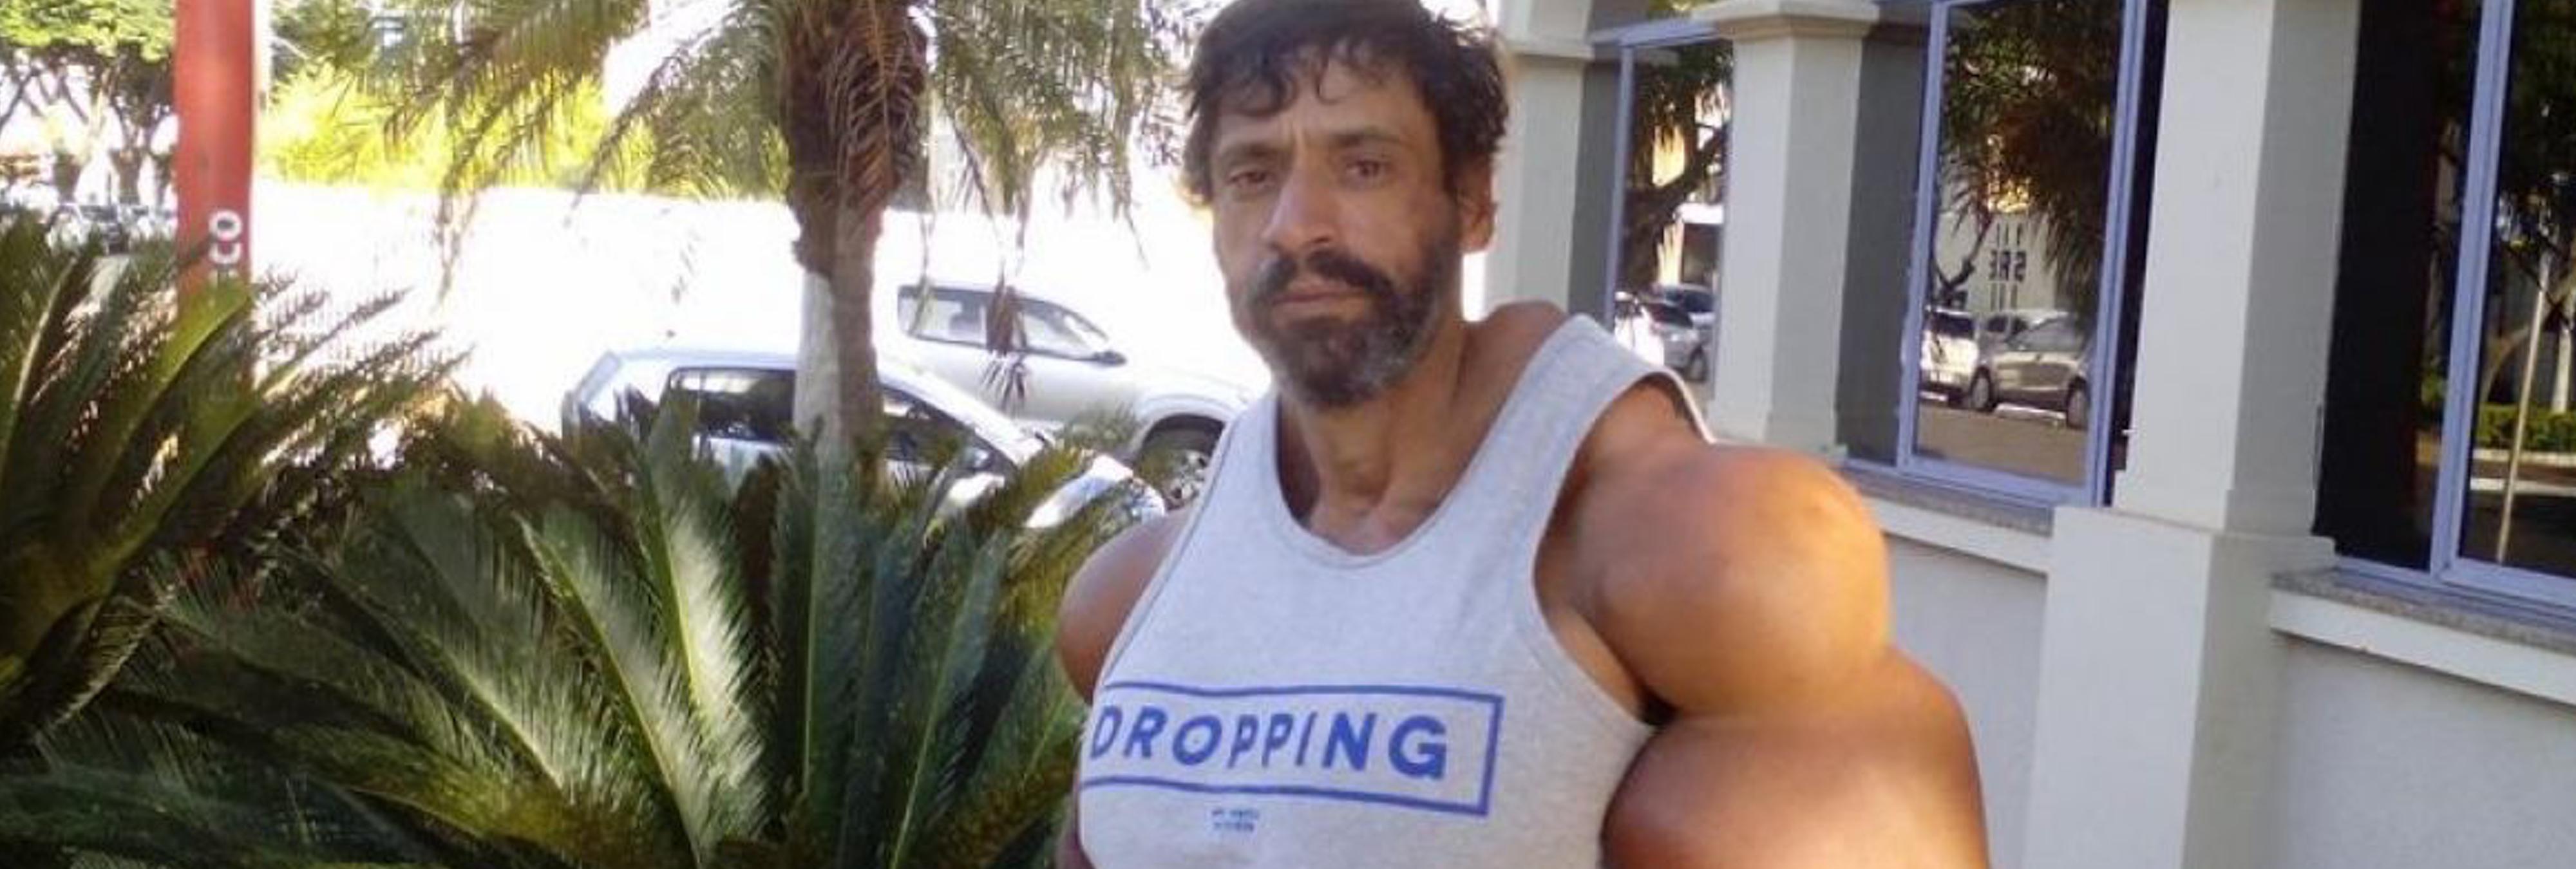 Un culturista brasileño se inyecta aceite en los bíceps para aumentar el diámetro de sus brazos